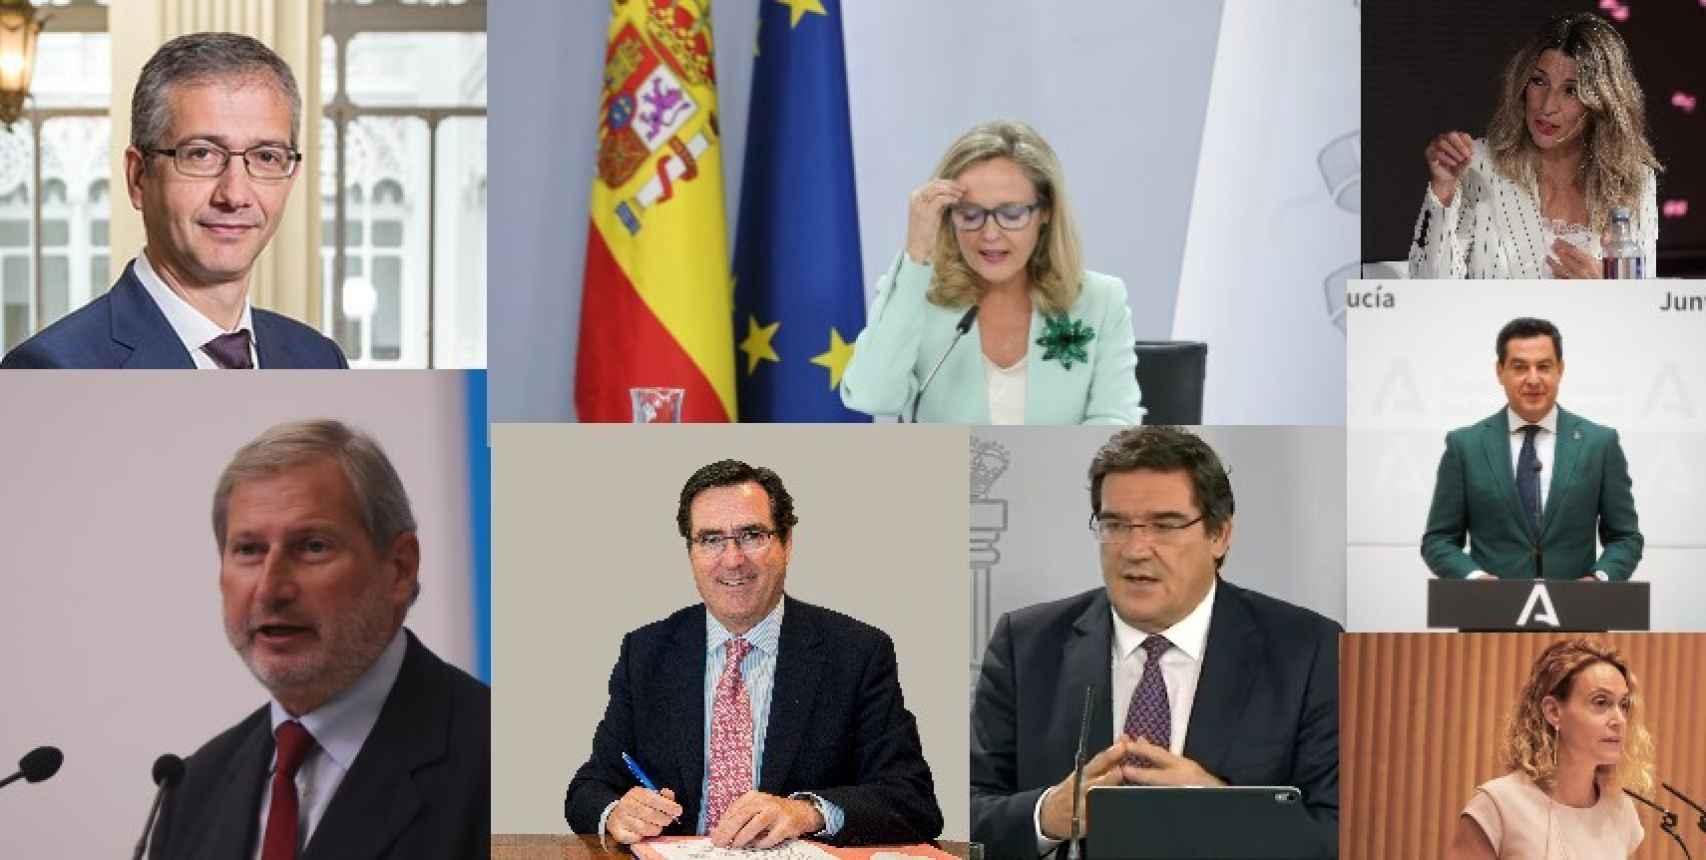 Pablo Hernández de Cos, Nadia Calviño, Yolanda Díaz, Johannes Hahn, Antonio Garamendi, José Luis Escrivá, Juanma Moreno y Meritxell Batet.